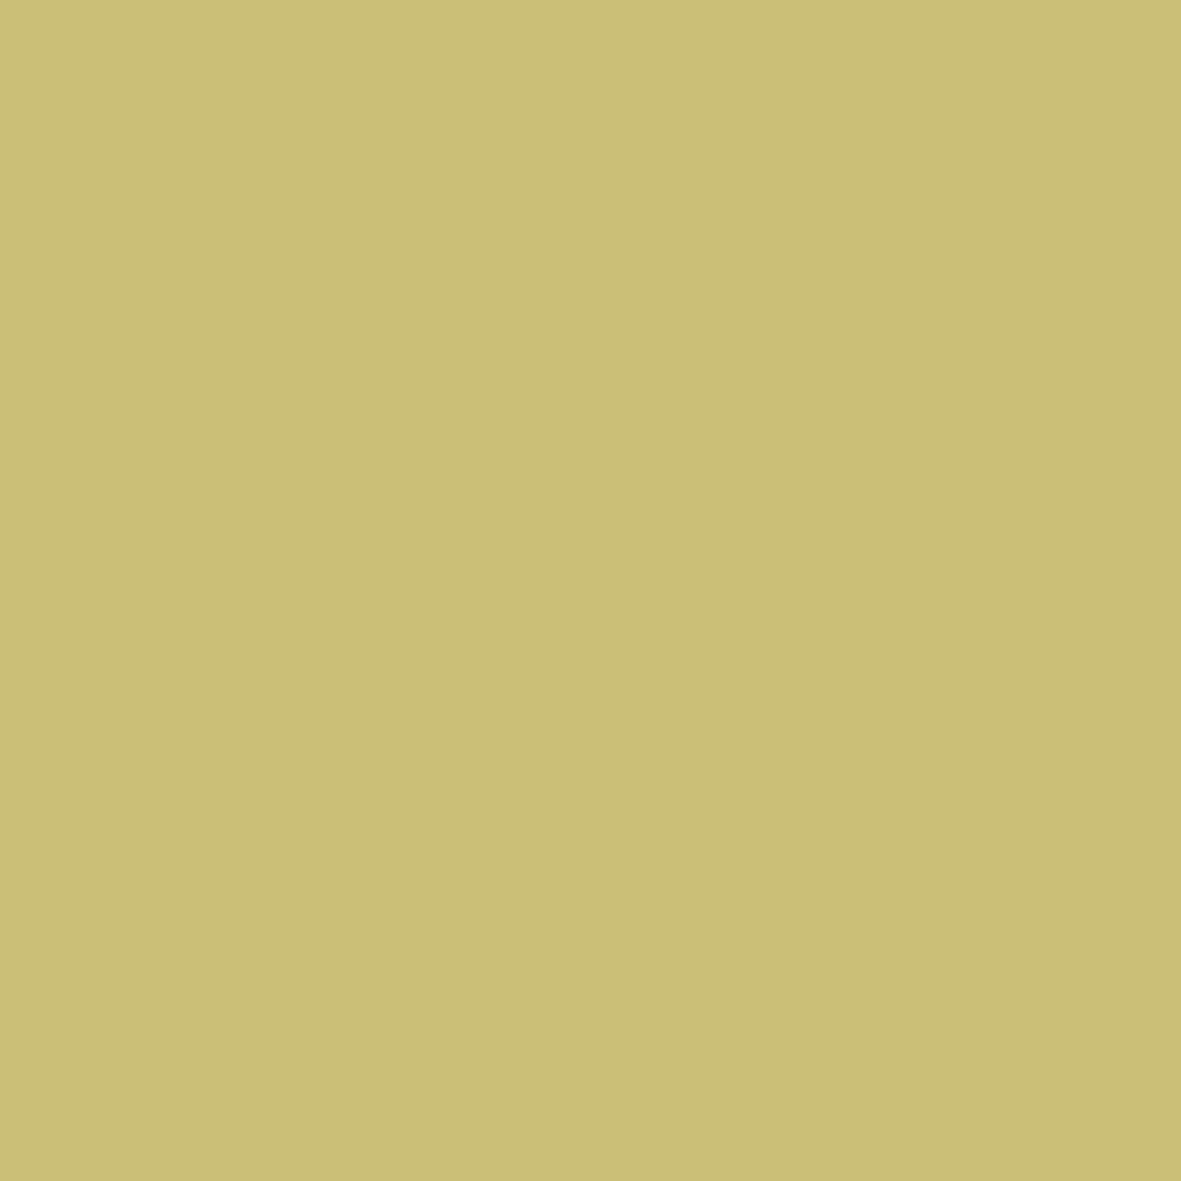 抗菌板/BJF-KJ003 朝鮮薊